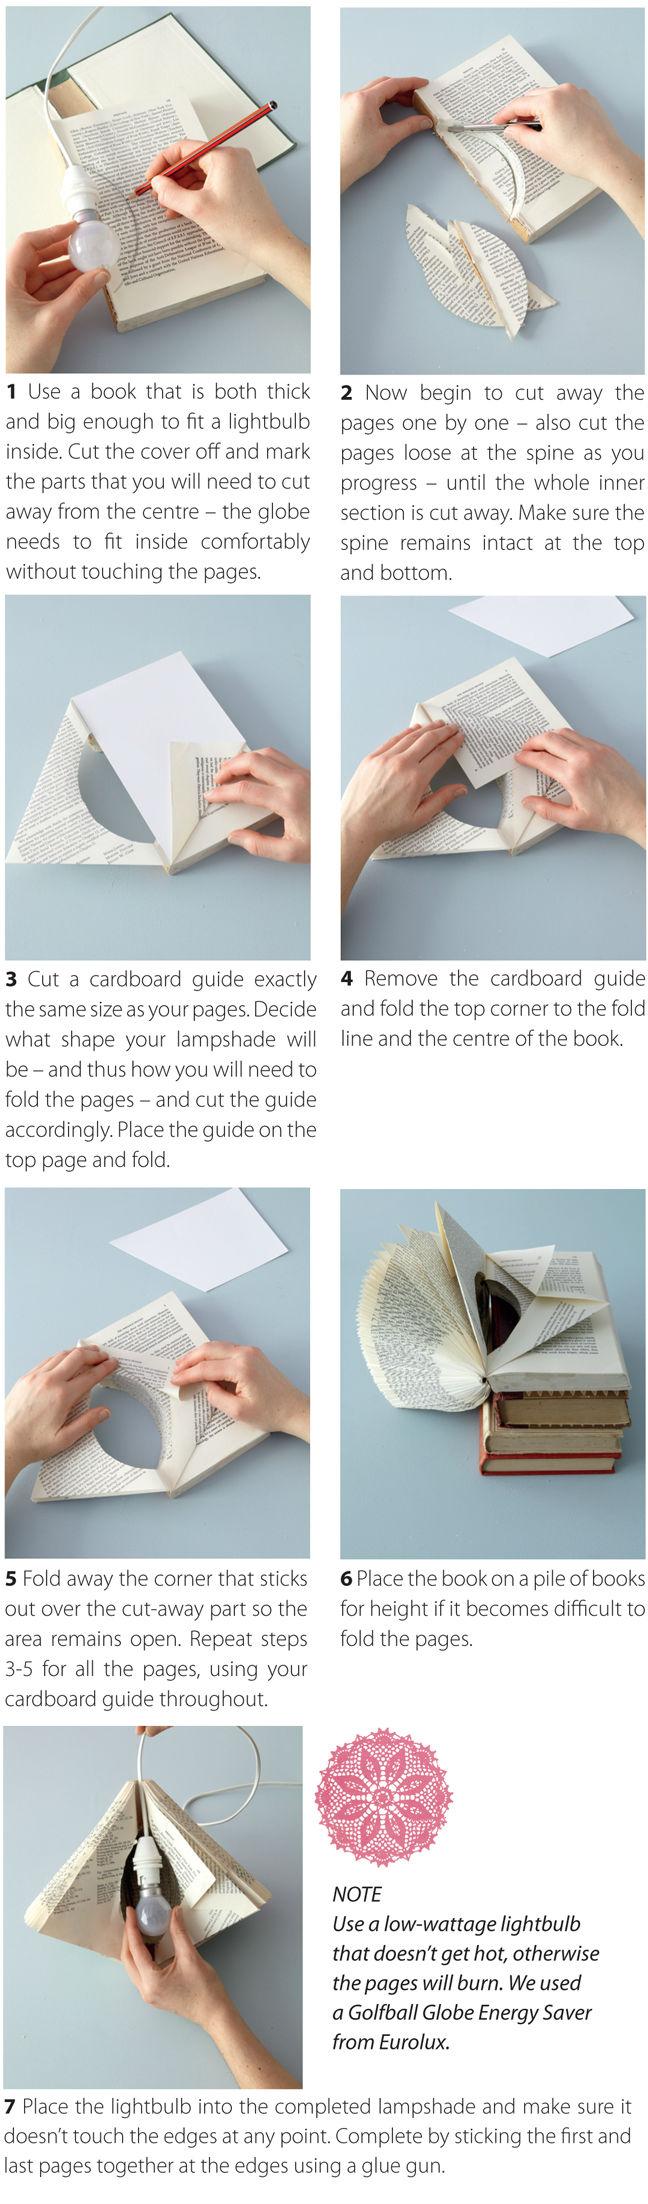 tuto pour une lampe livre recycling pinterest lampe. Black Bedroom Furniture Sets. Home Design Ideas